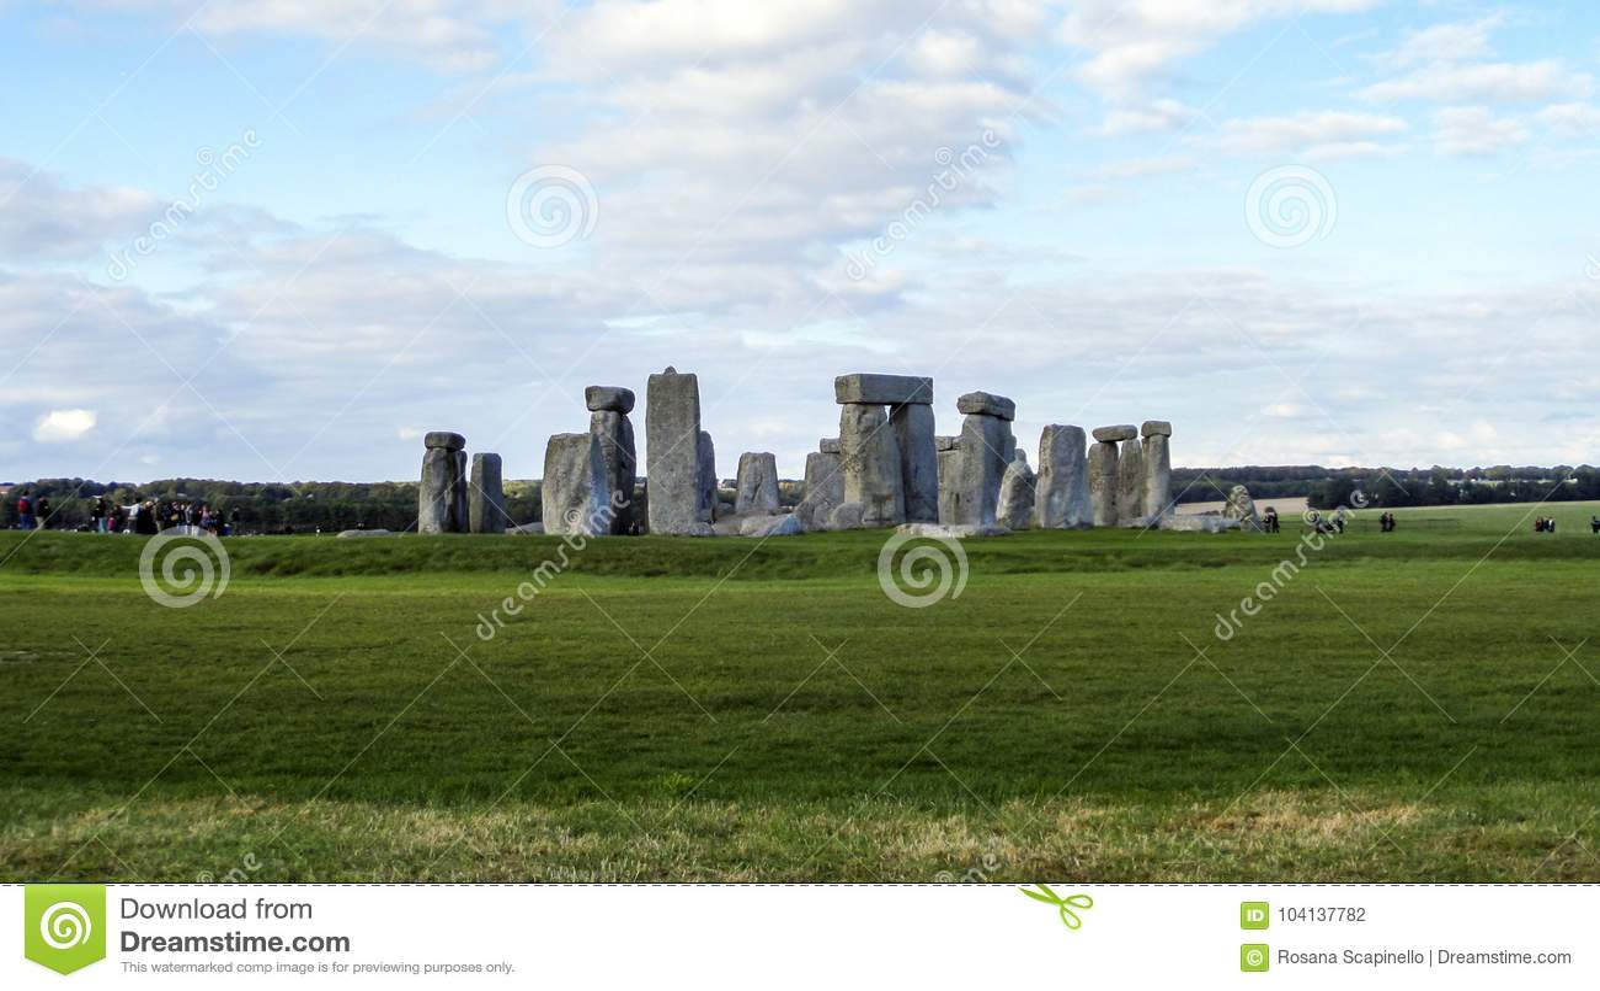 Stonehenge prehistoryczny zabytek, zielona trawa, niebieskie niebo i chmury, panoramiczny widok - Wiltshire, Salisbury, Anglia